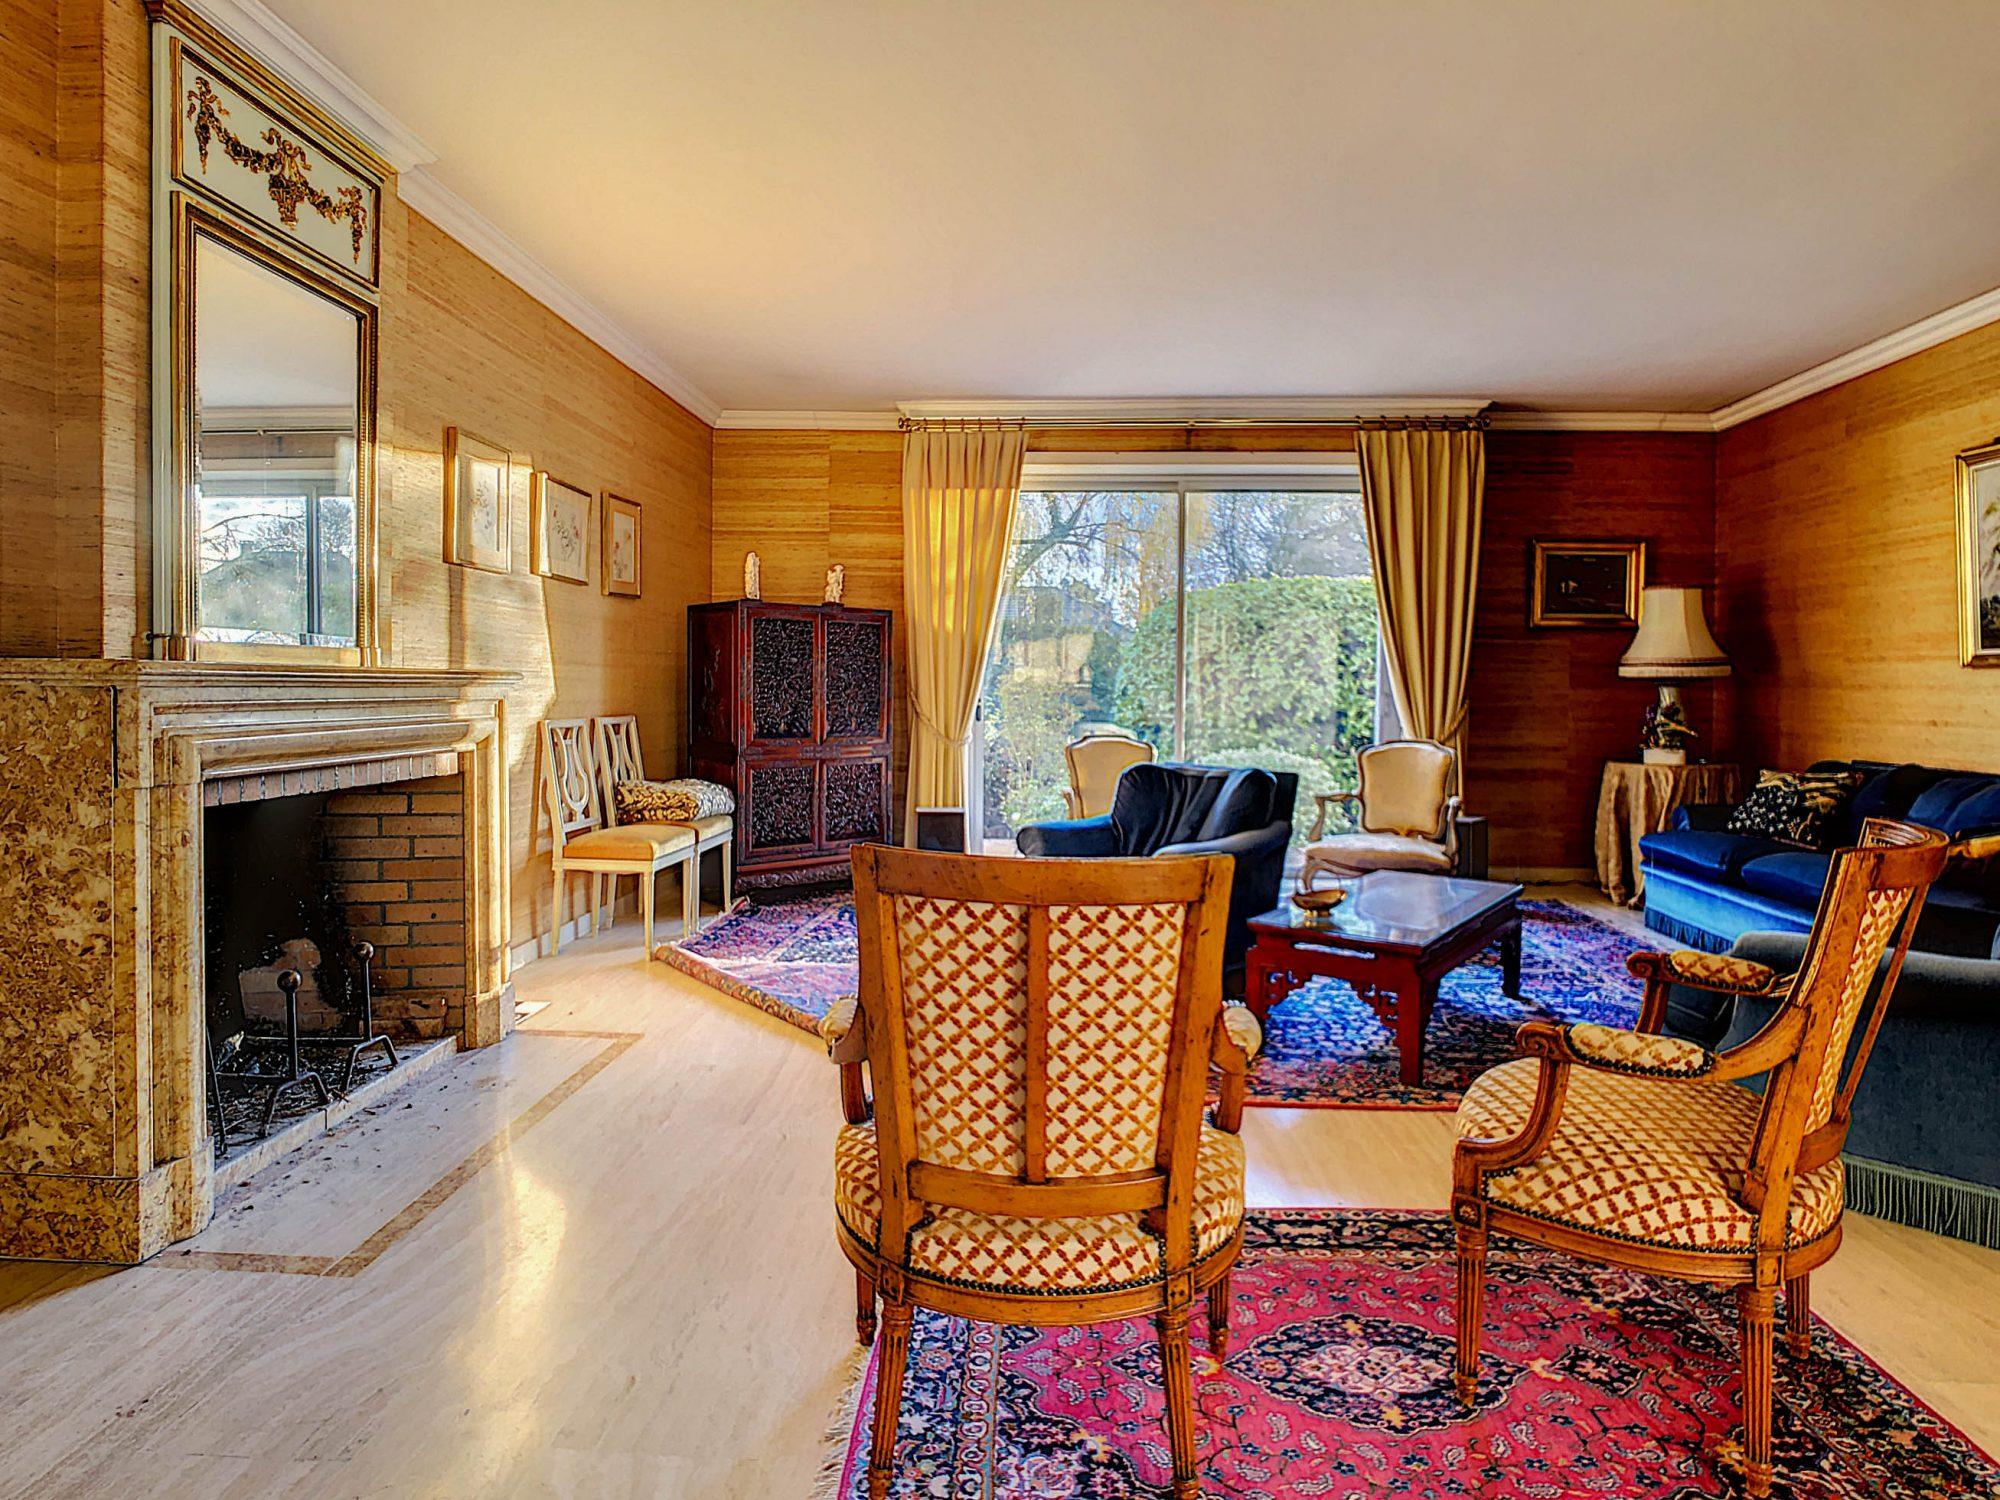 Maison individuelle 8 pièces de 250m2 à Illkirch-Graffenstaden - Devenez propriétaire en toute confiance - Bintz Immobilier - 4